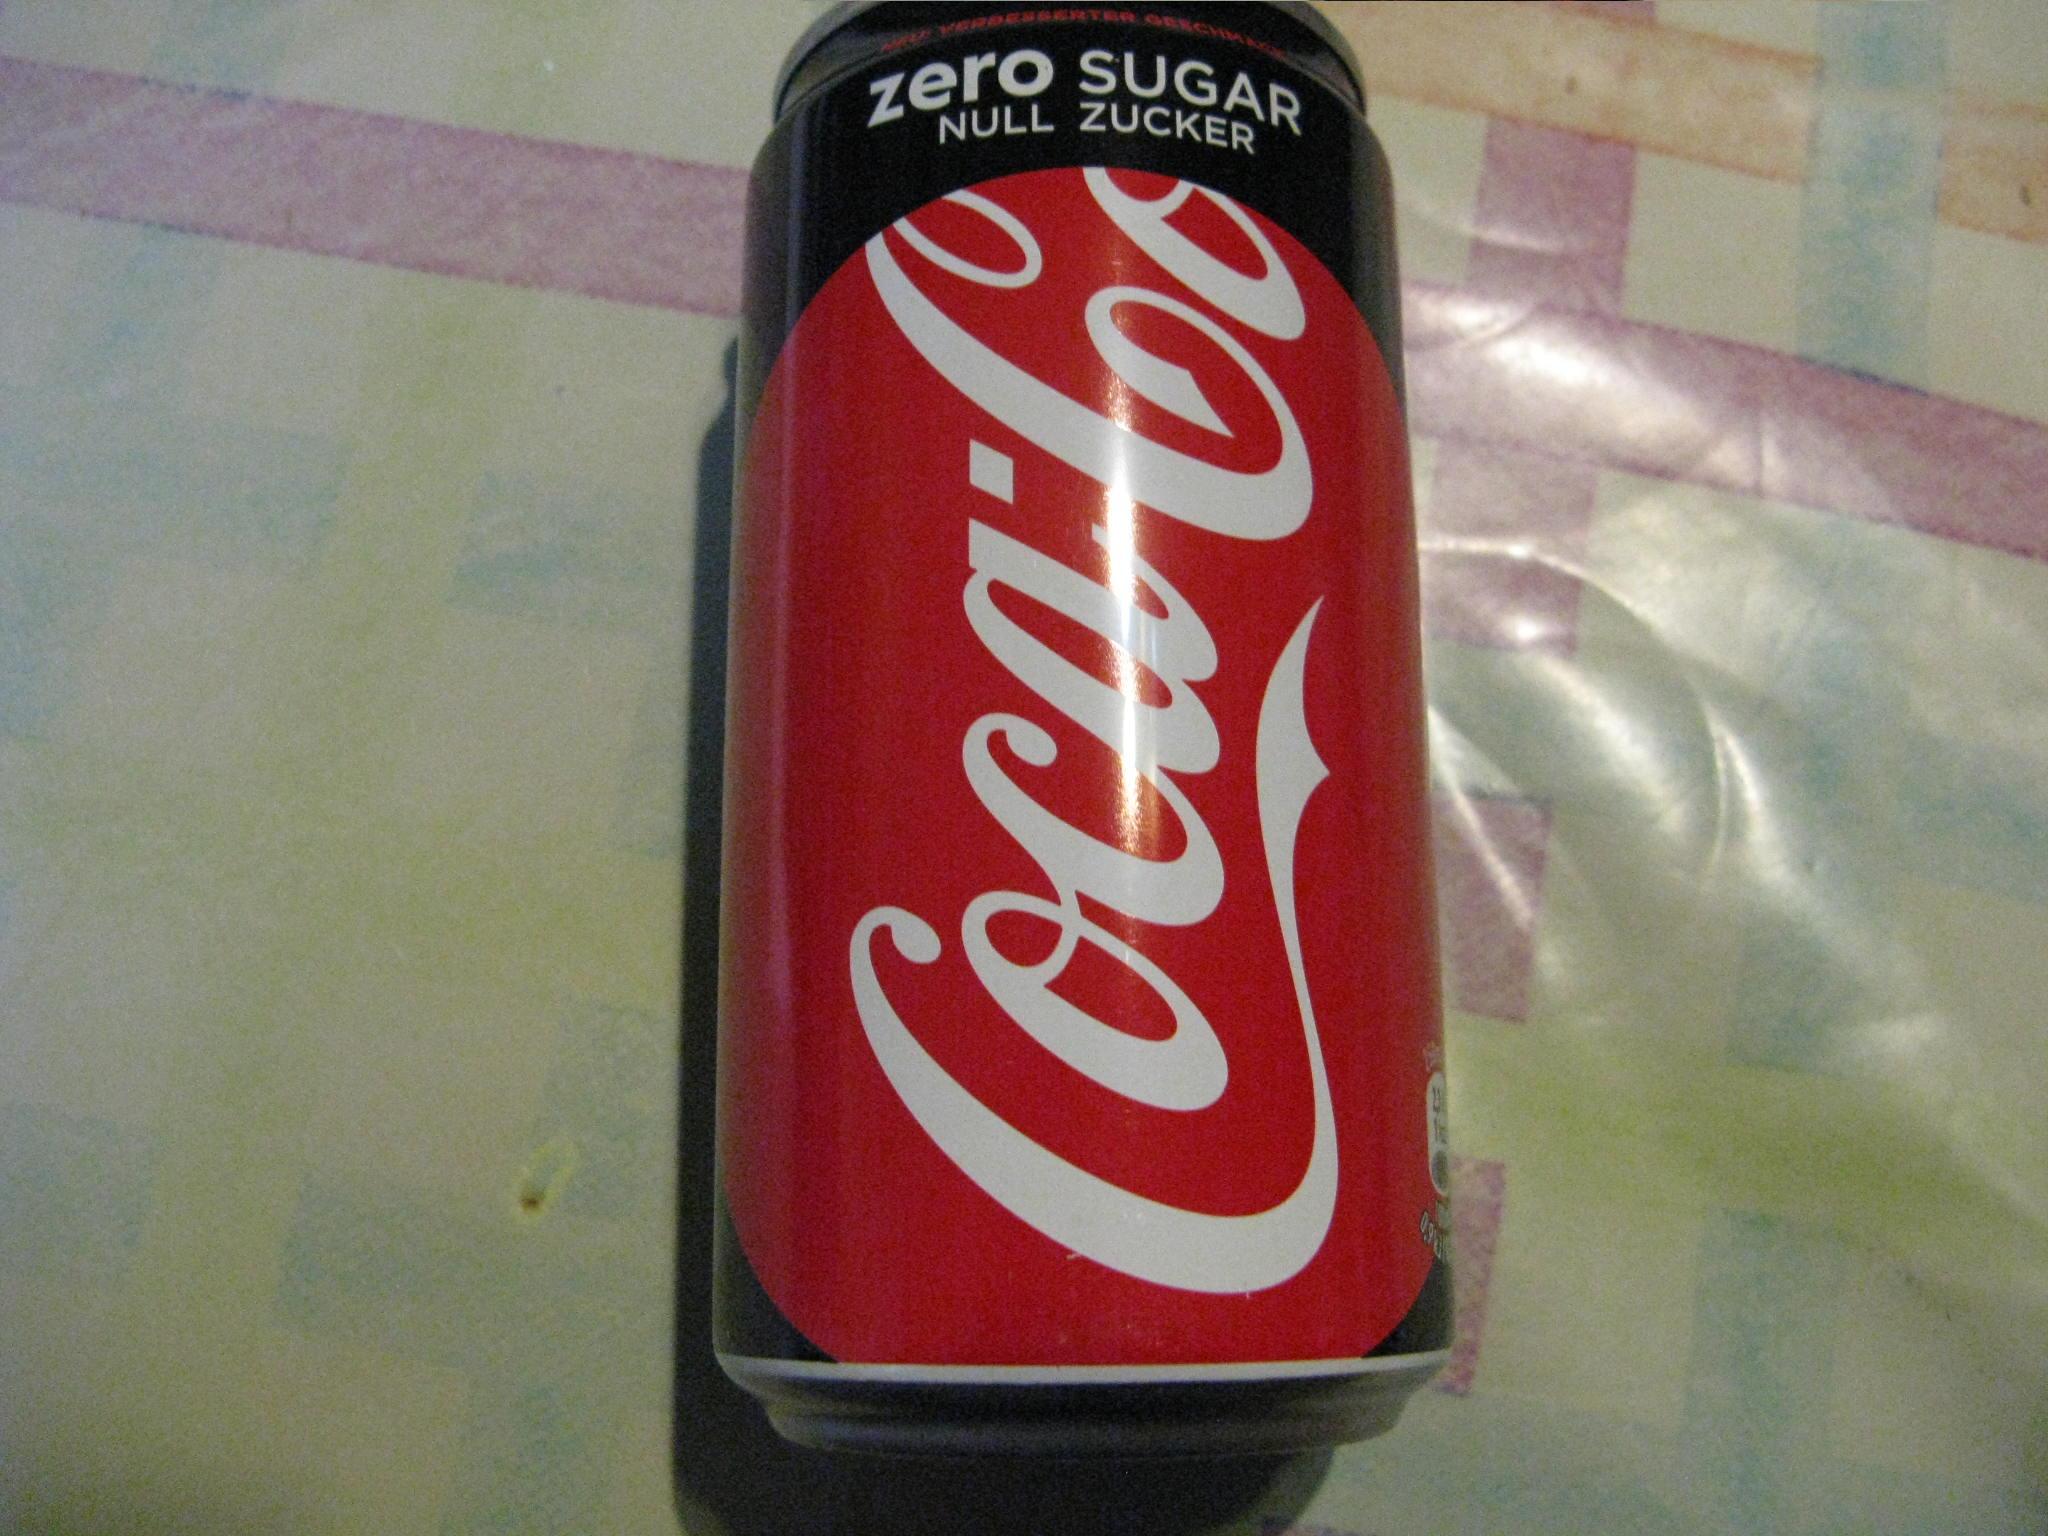 Coca-Cola Zero Sugar - Null Zucker